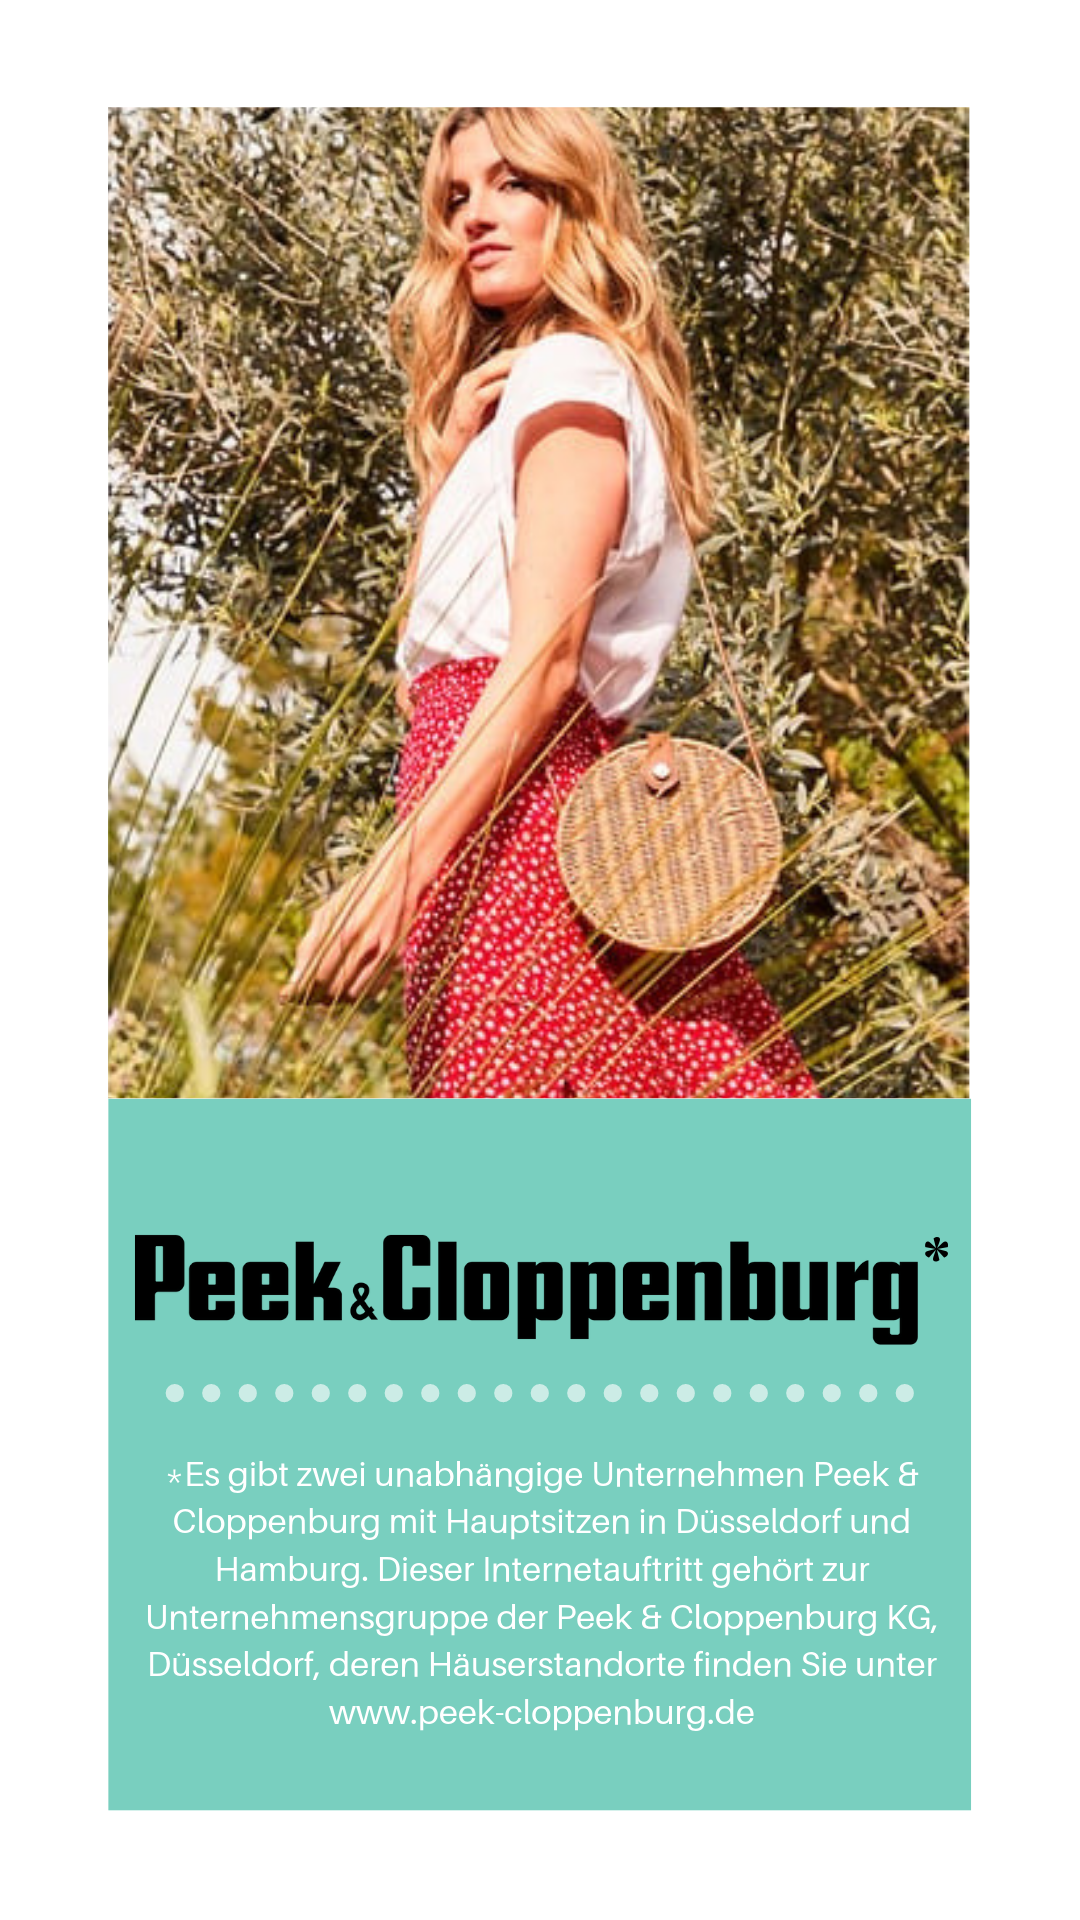 Peek-und-Cloppenburg